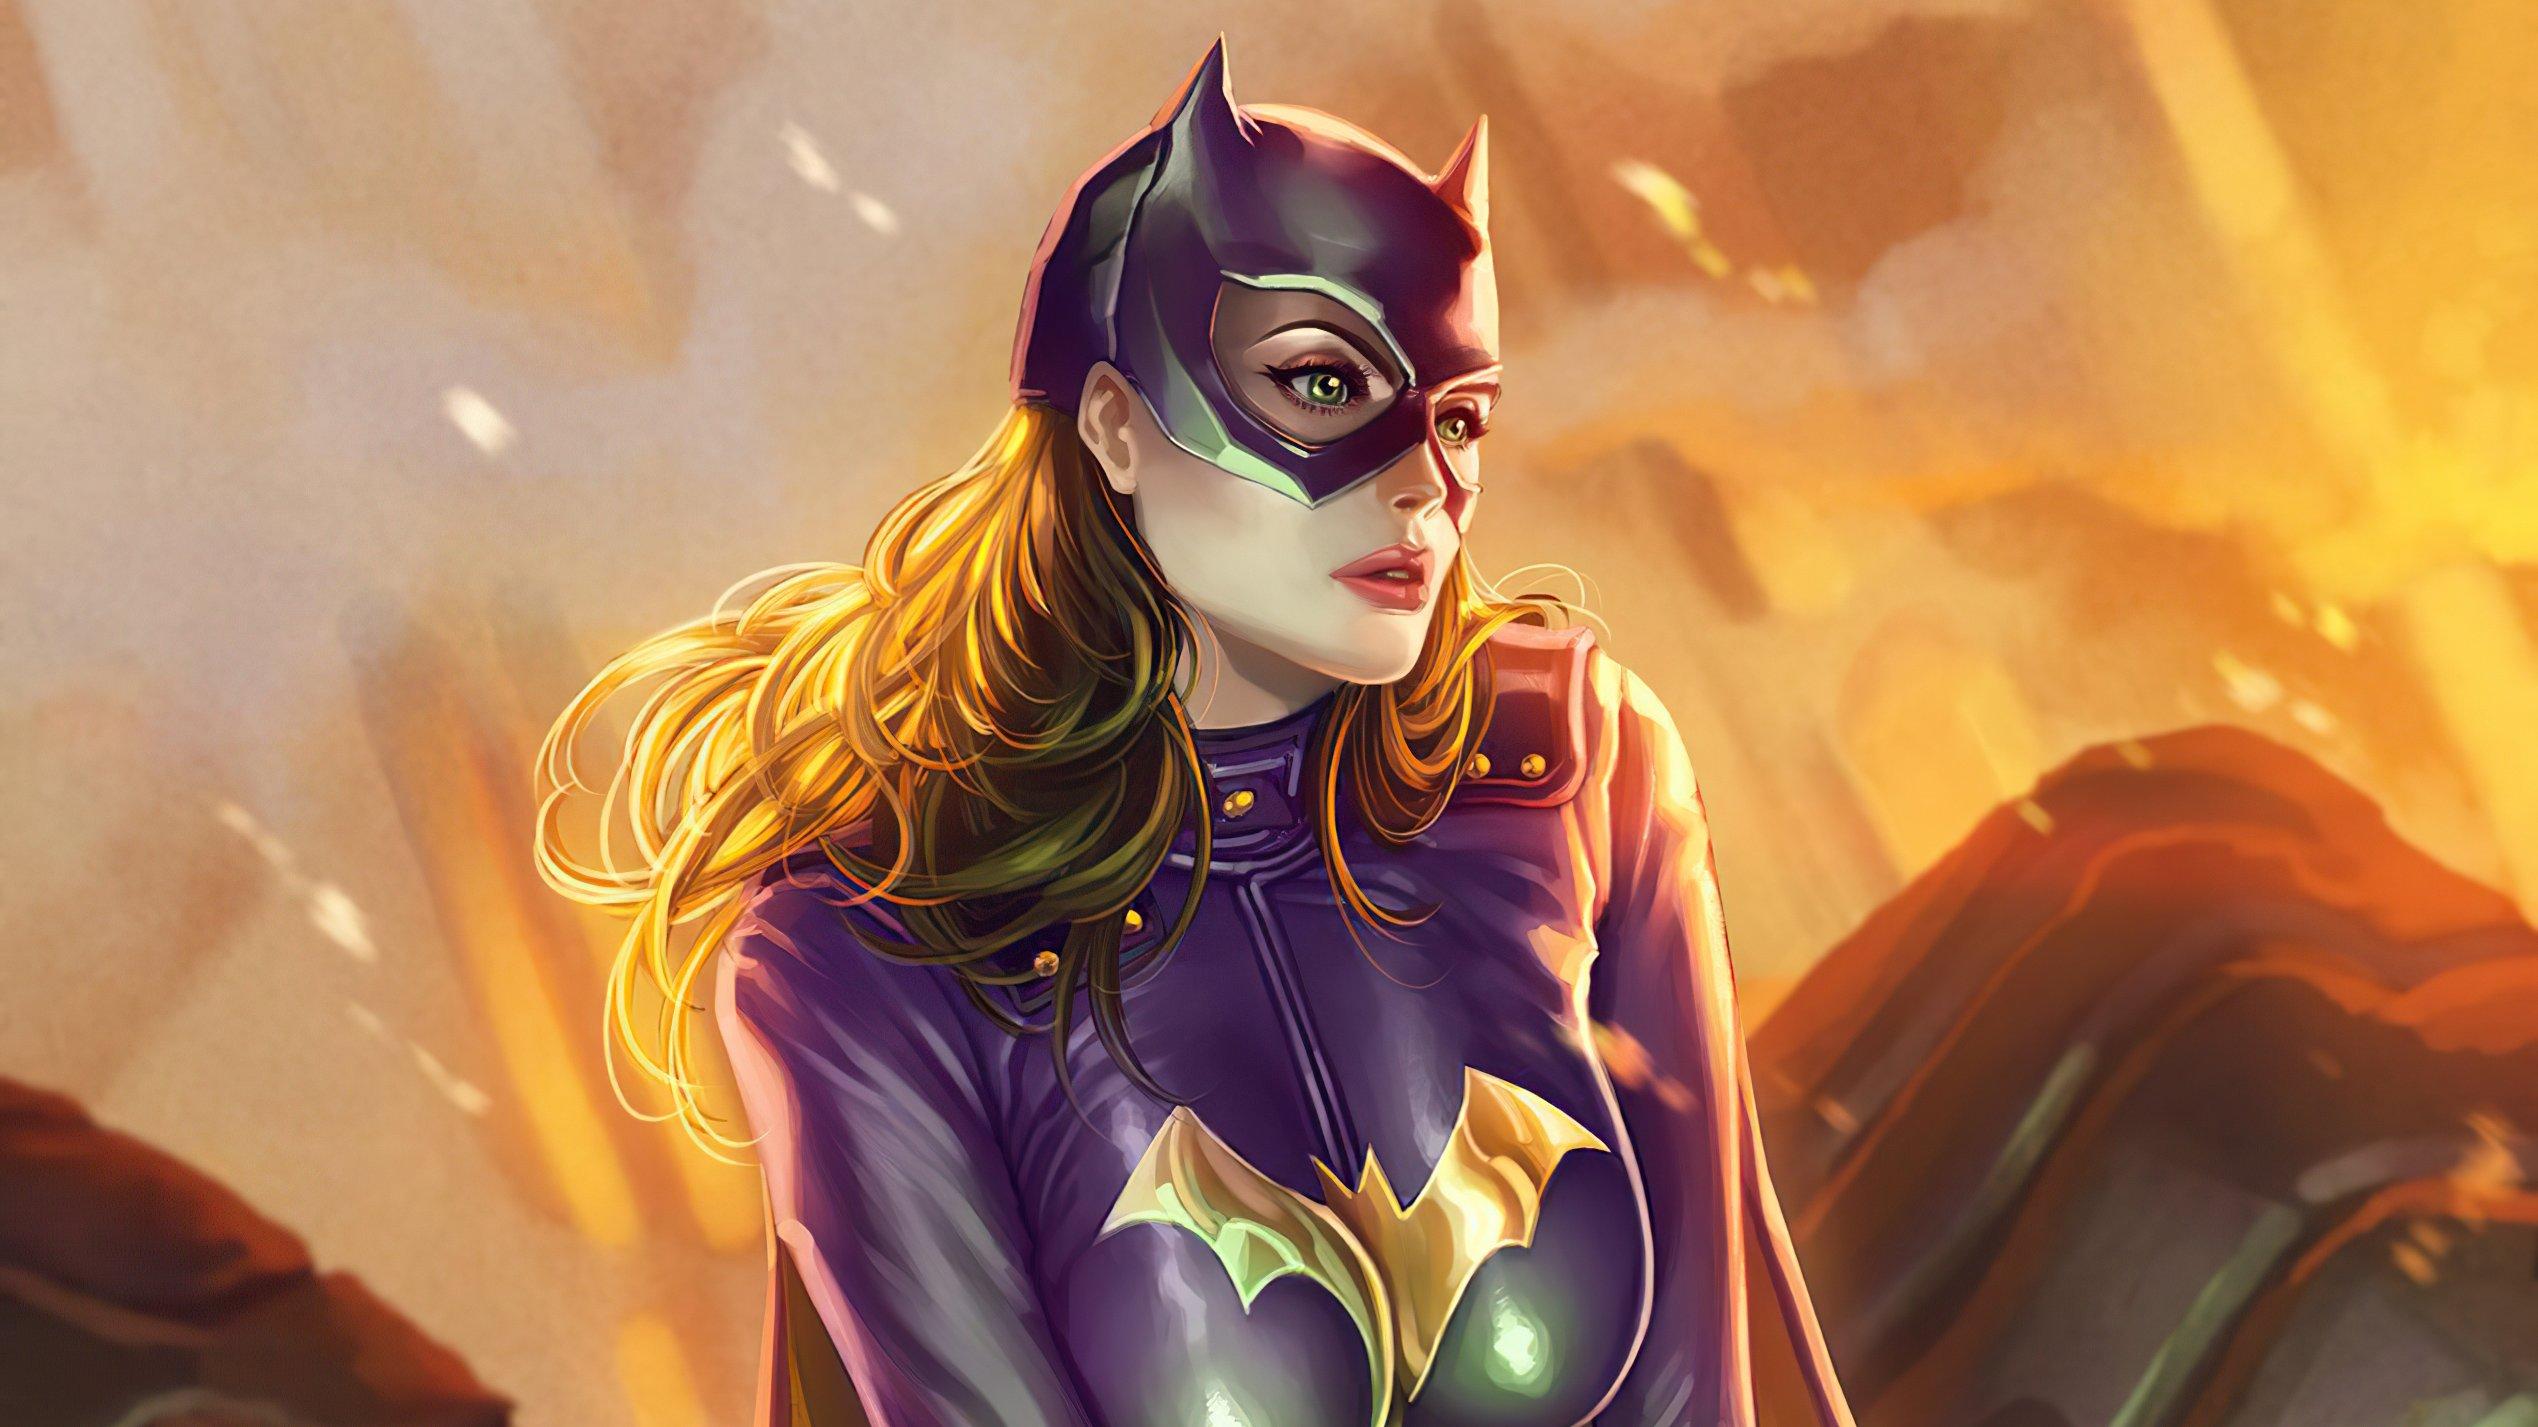 Fondos de pantalla Fanart de Batgirl